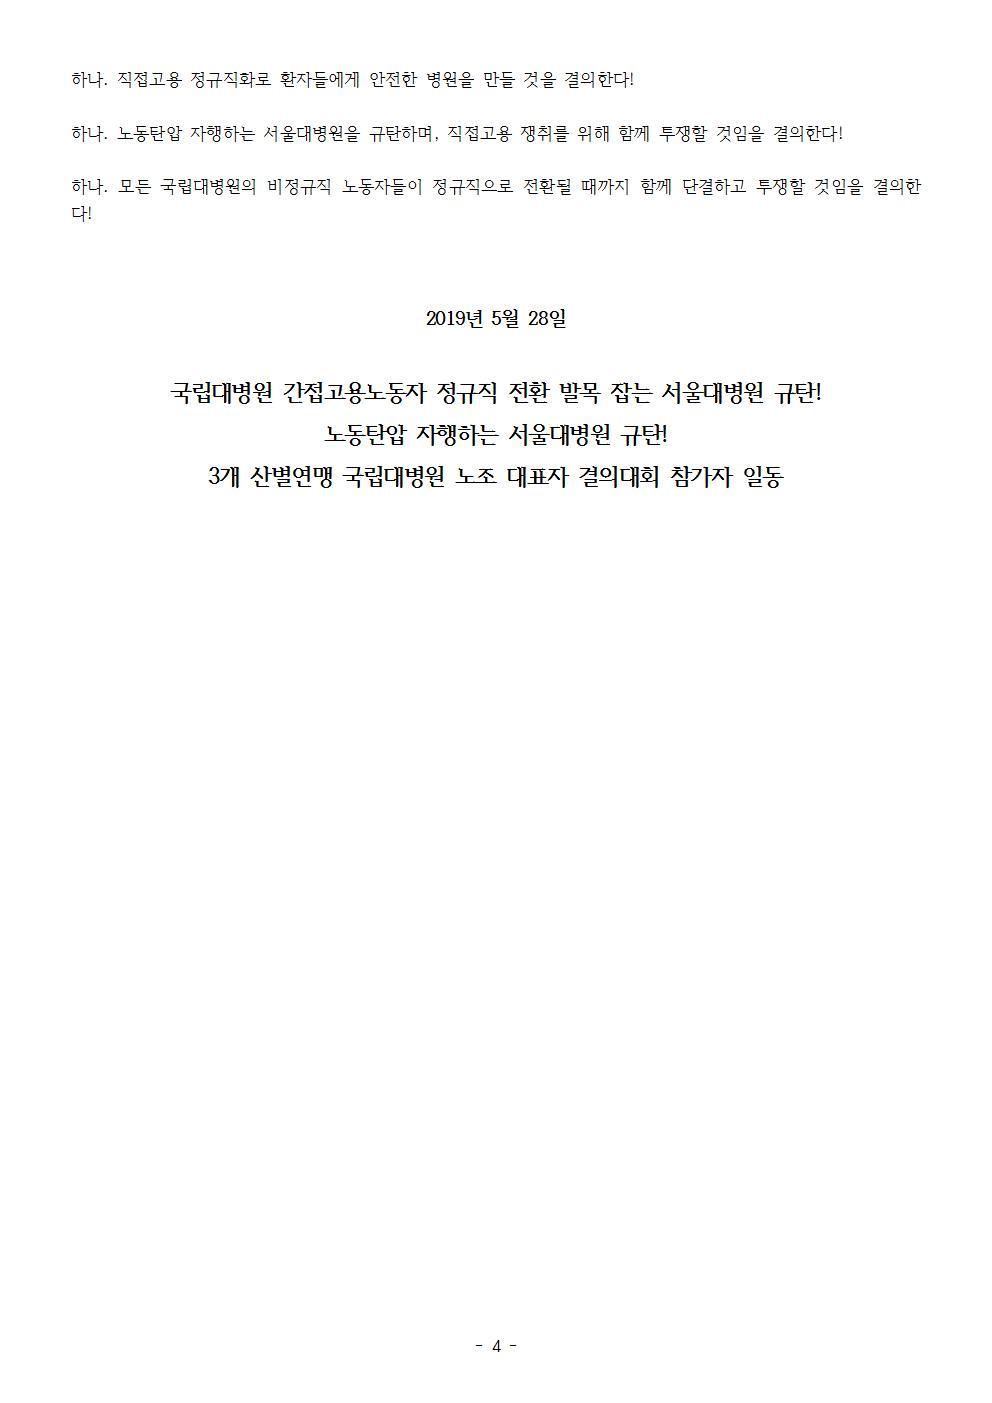 190528_보도자료_서울대병원규탄_3연맹_결의대회004.jpg